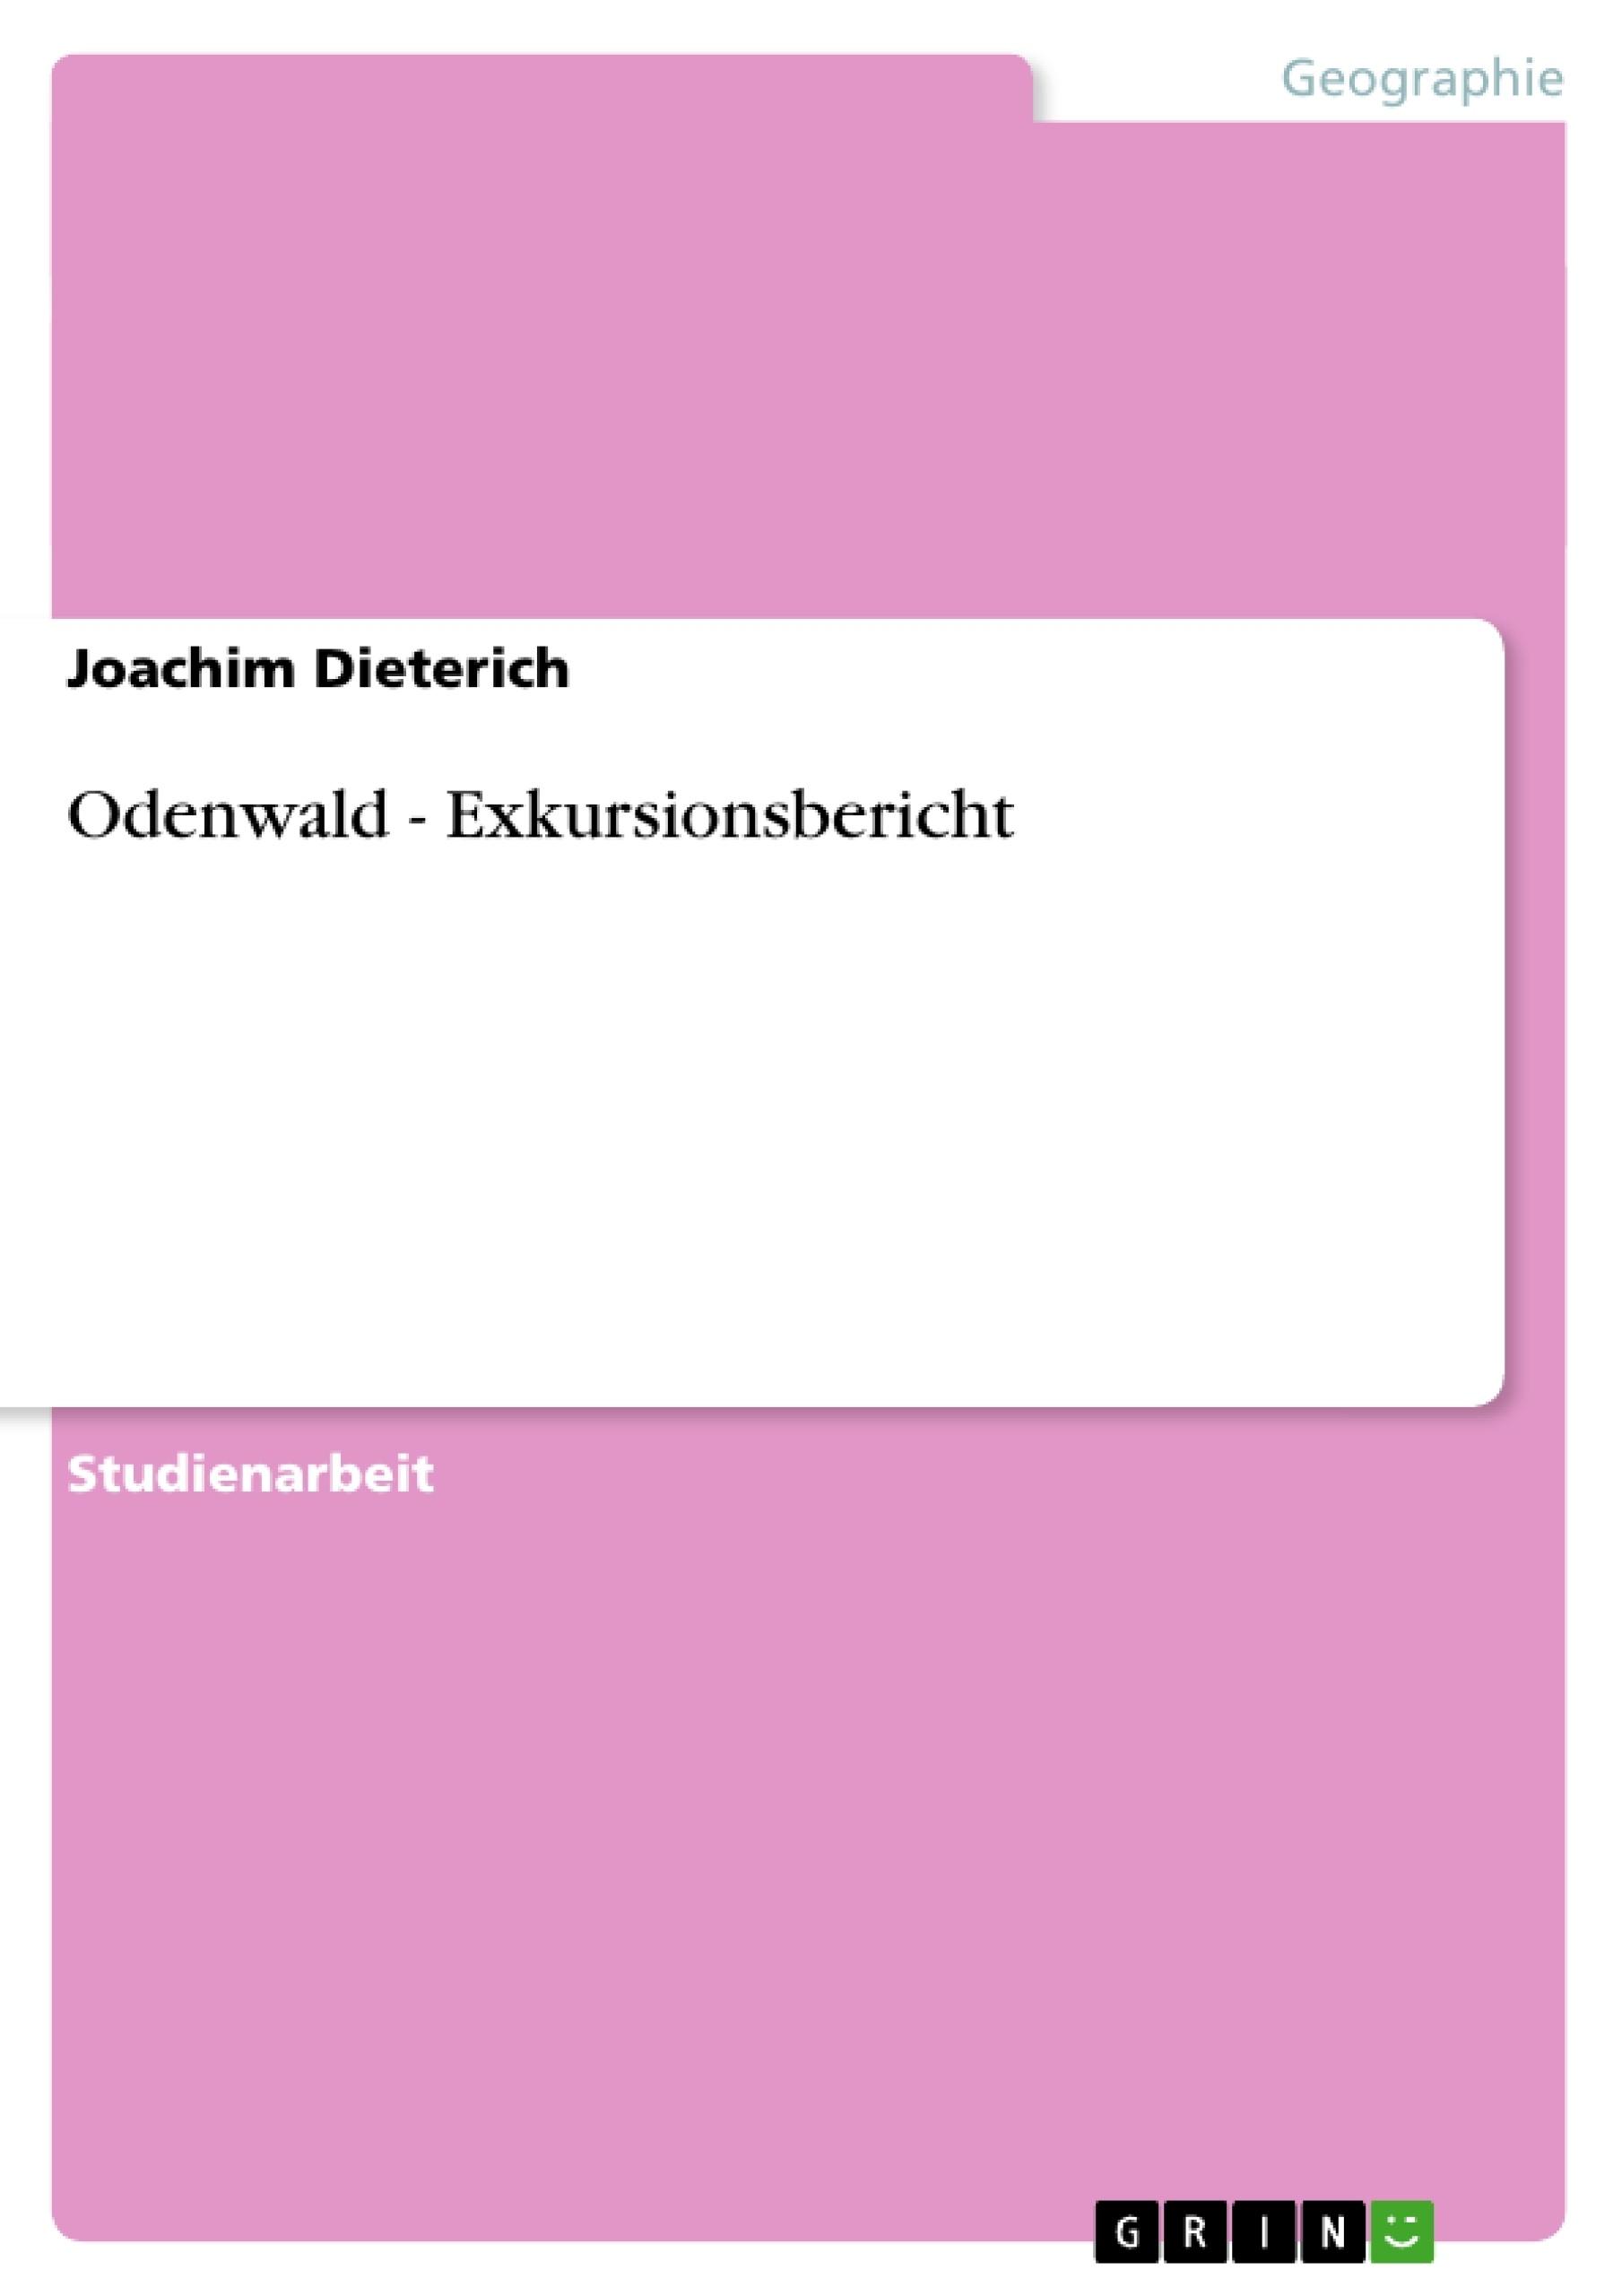 Titel: Odenwald - Exkursionsbericht